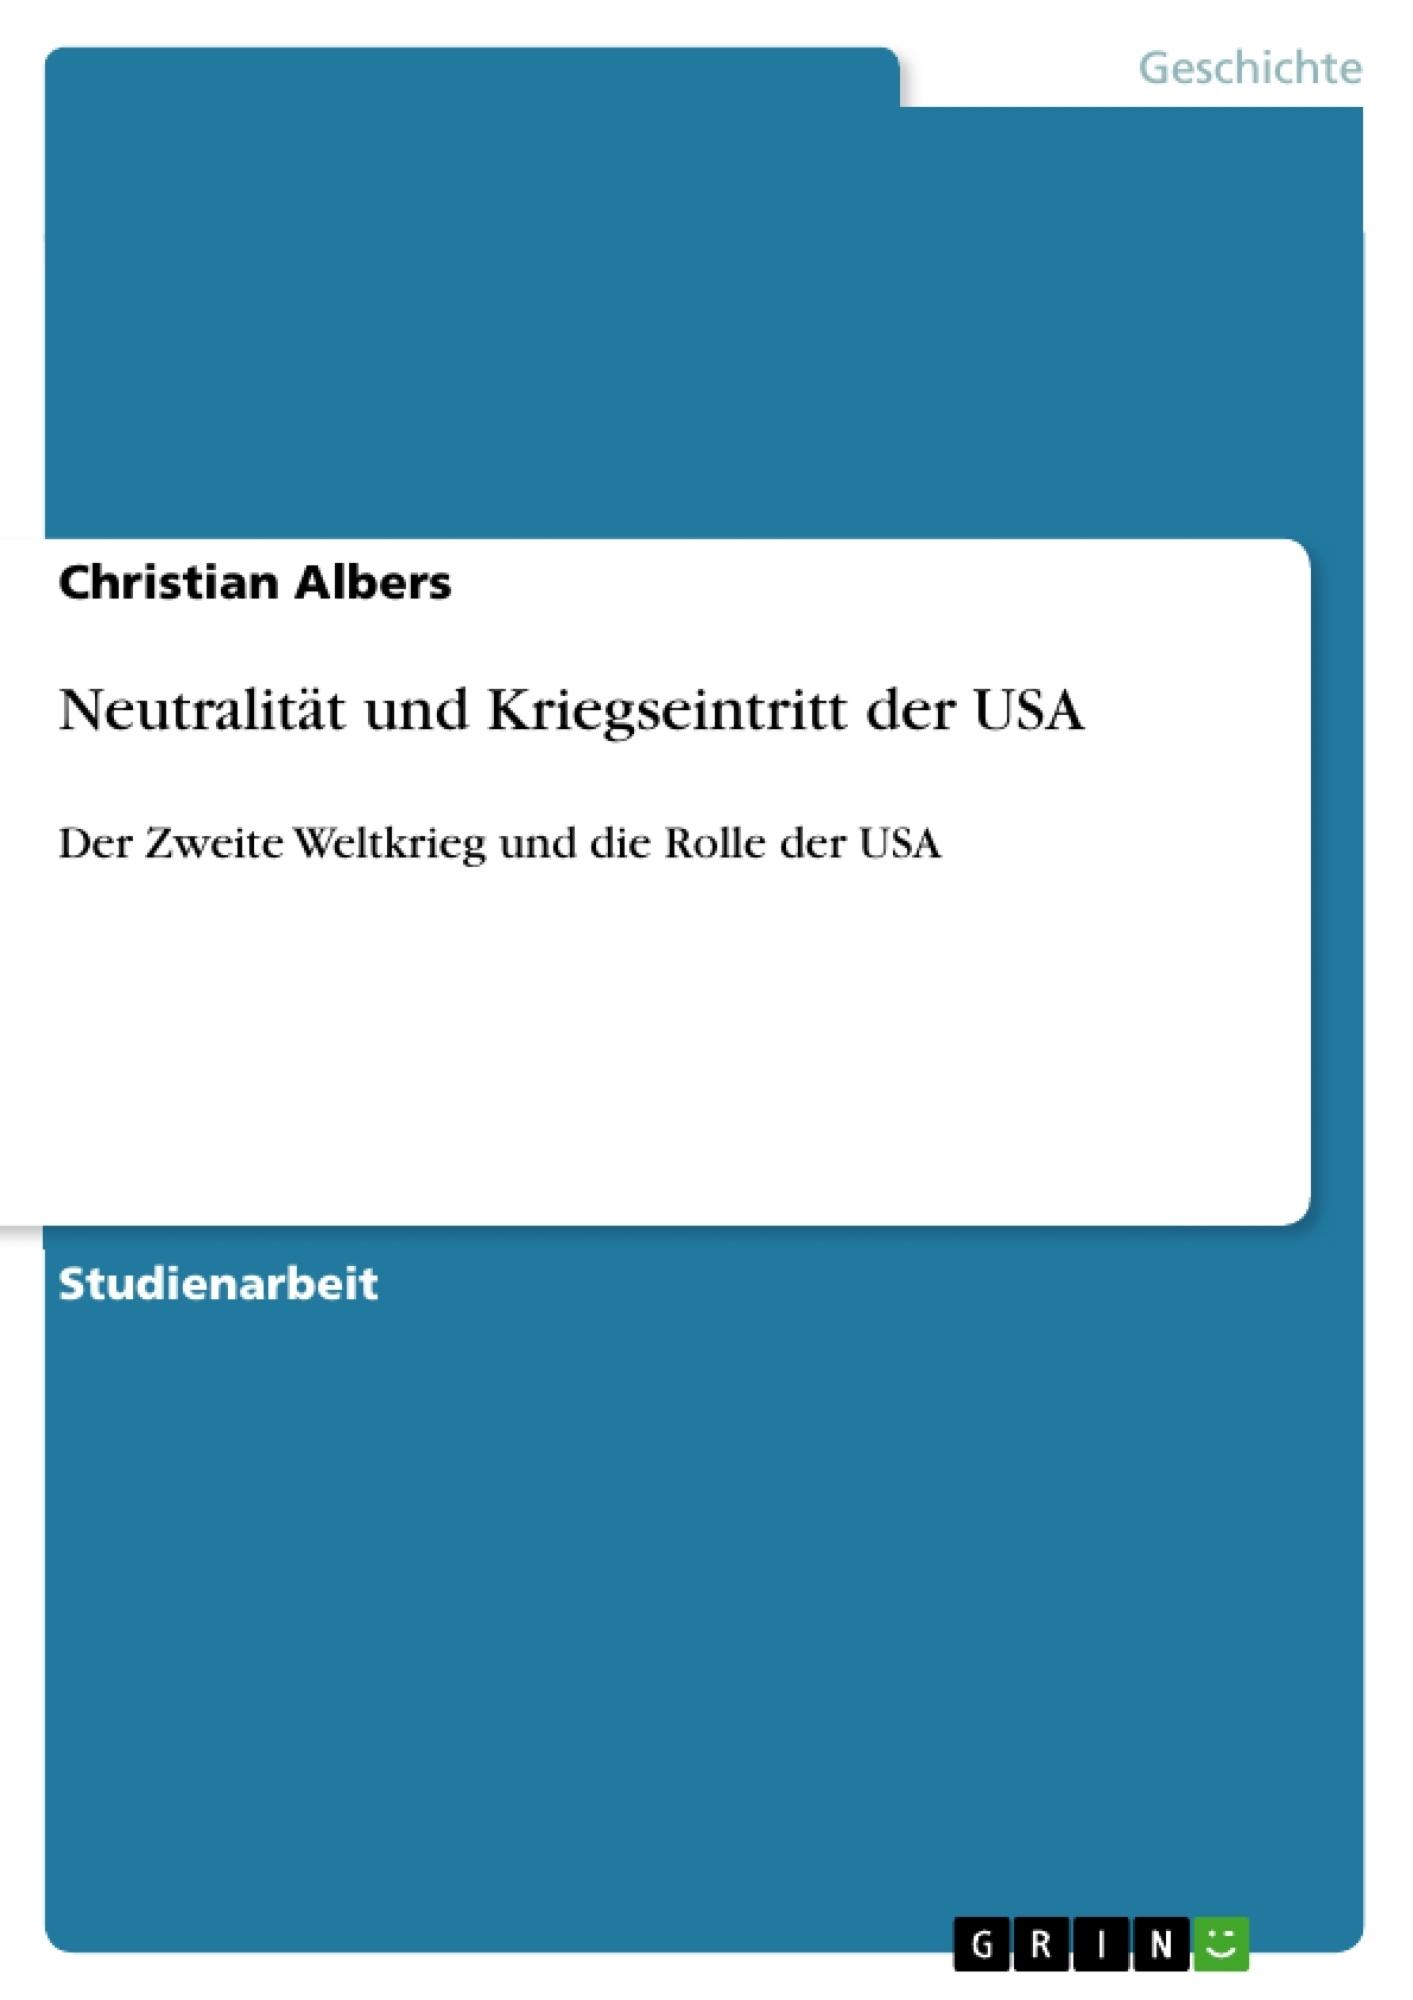 Titel: Neutralität und Kriegseintritt der USA